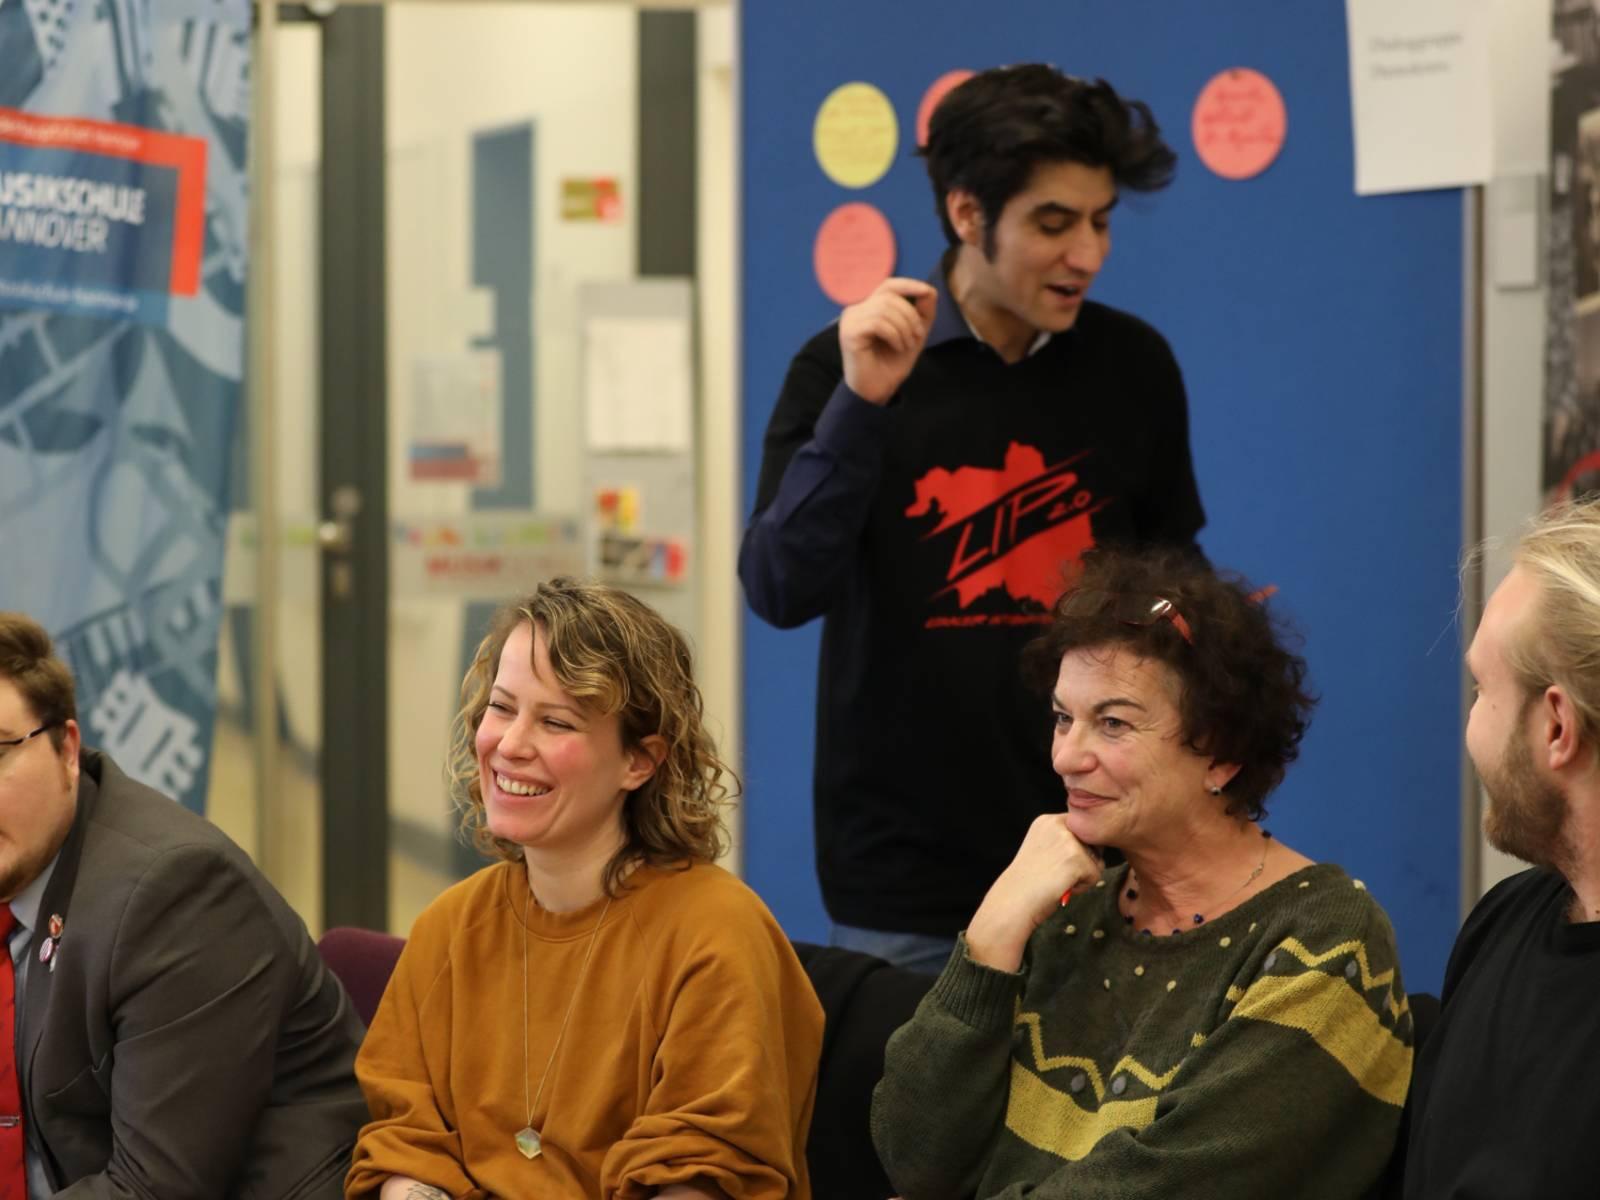 Ein Mann steht hinter vier sitzenden Personen - darunter zwei Männer und zwei Frauen - und schaut auf eine Moderationskarte, die er in der Hand hält.